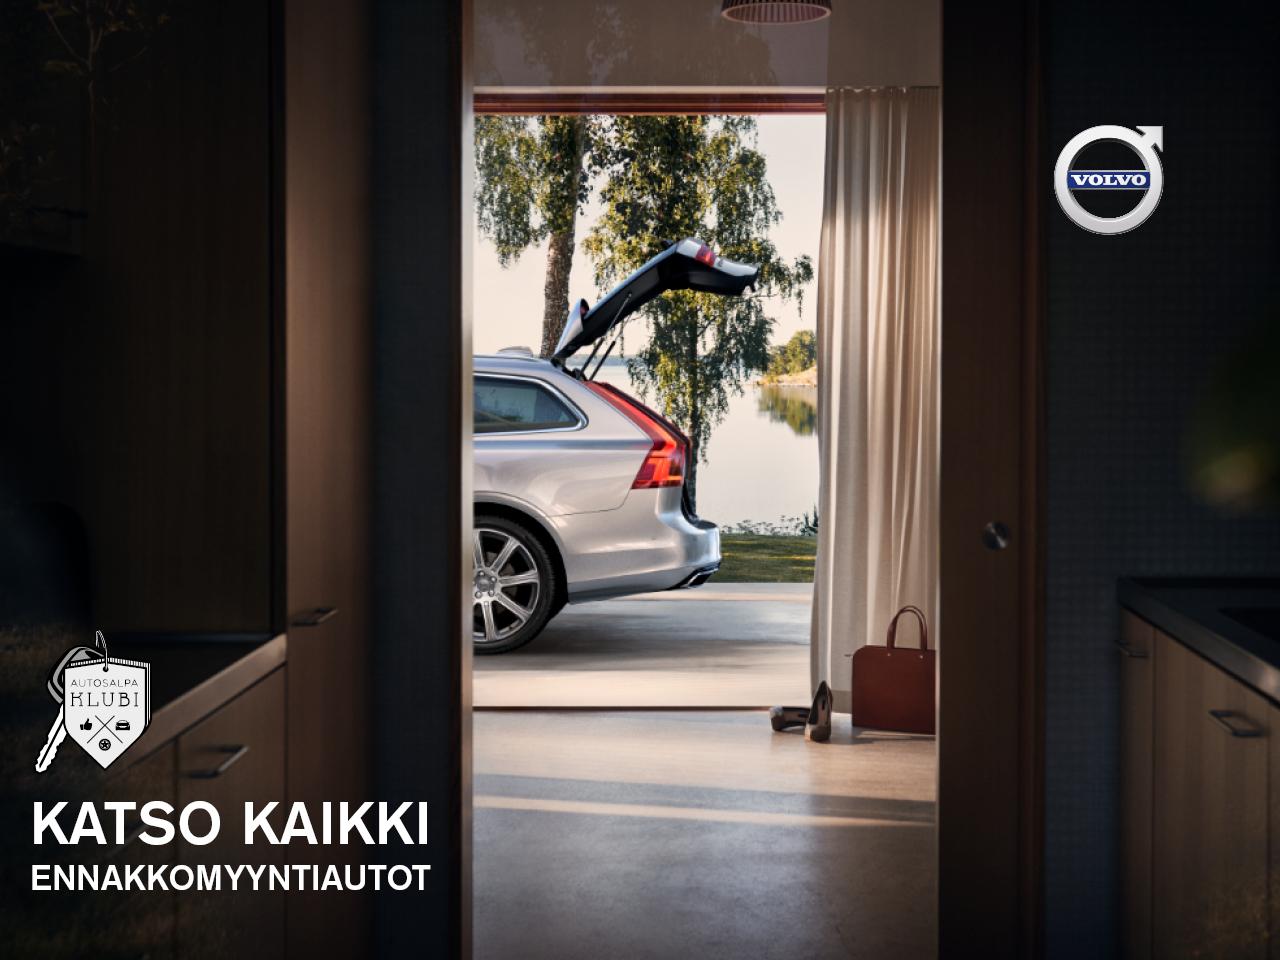 Volvo-esittelyautojen ennakkomyyntilista